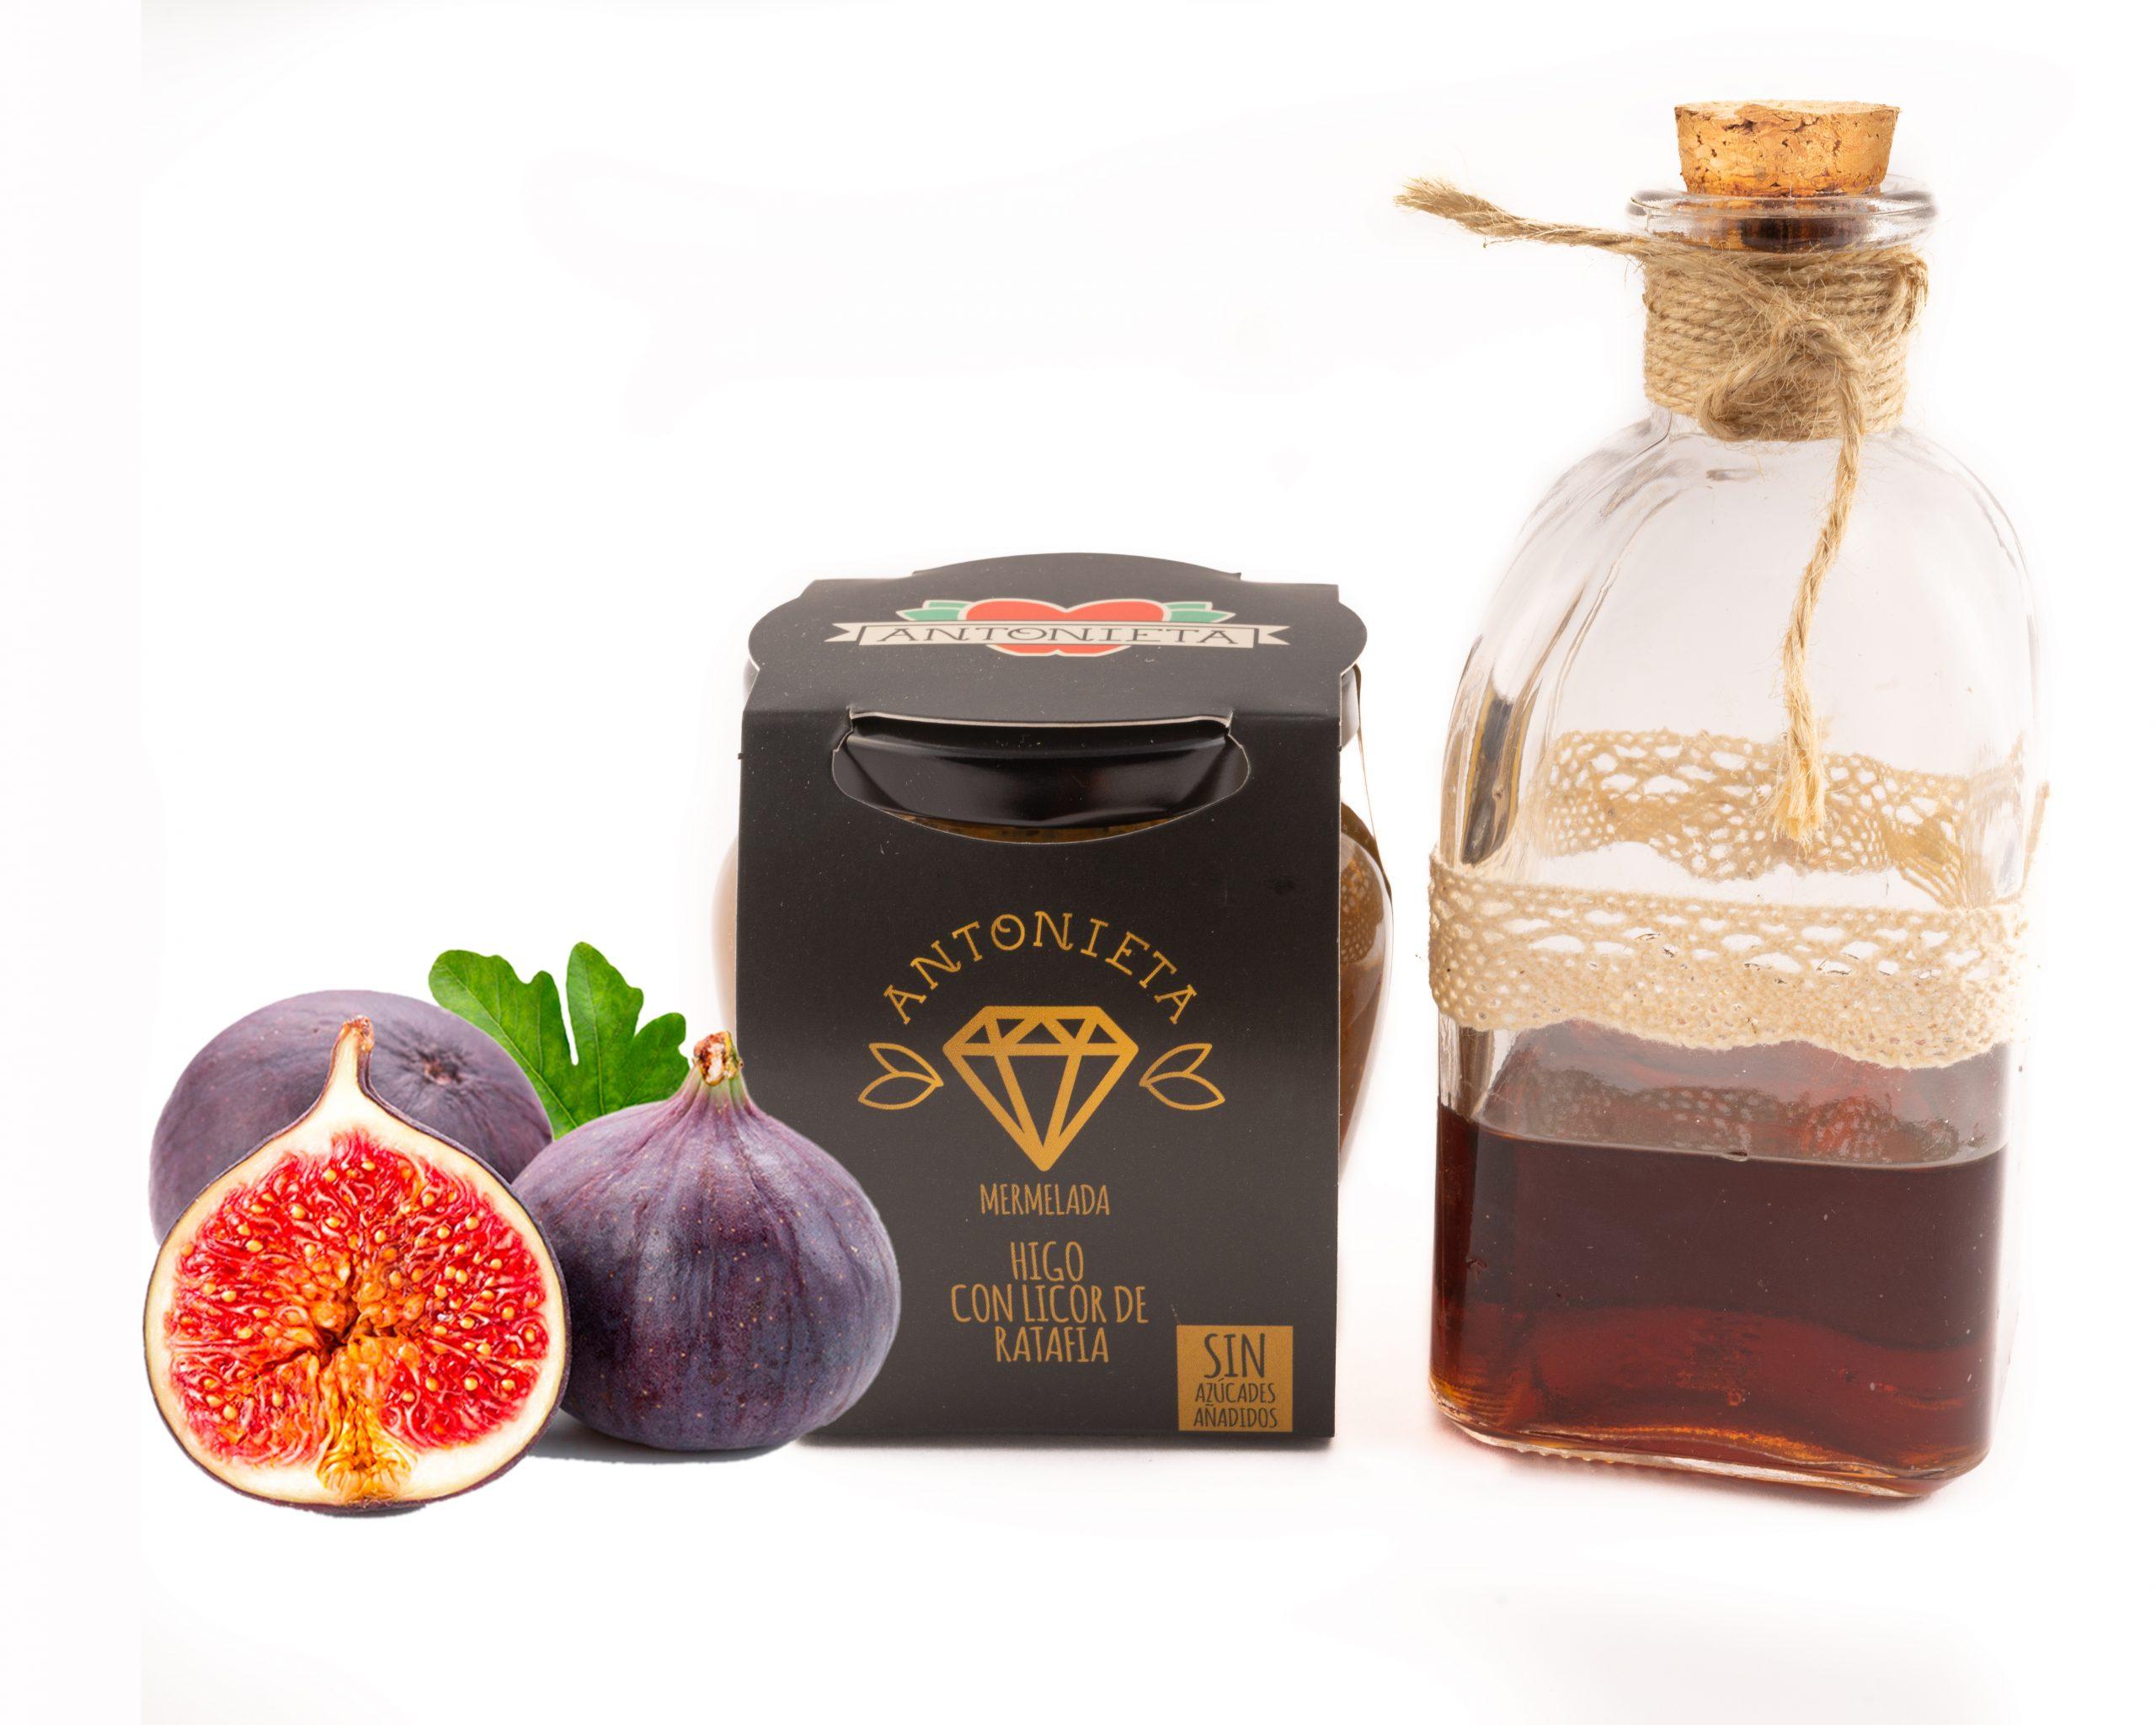 Melmelada de figa amb licor de ratafia de la marca Antonieta Fruits